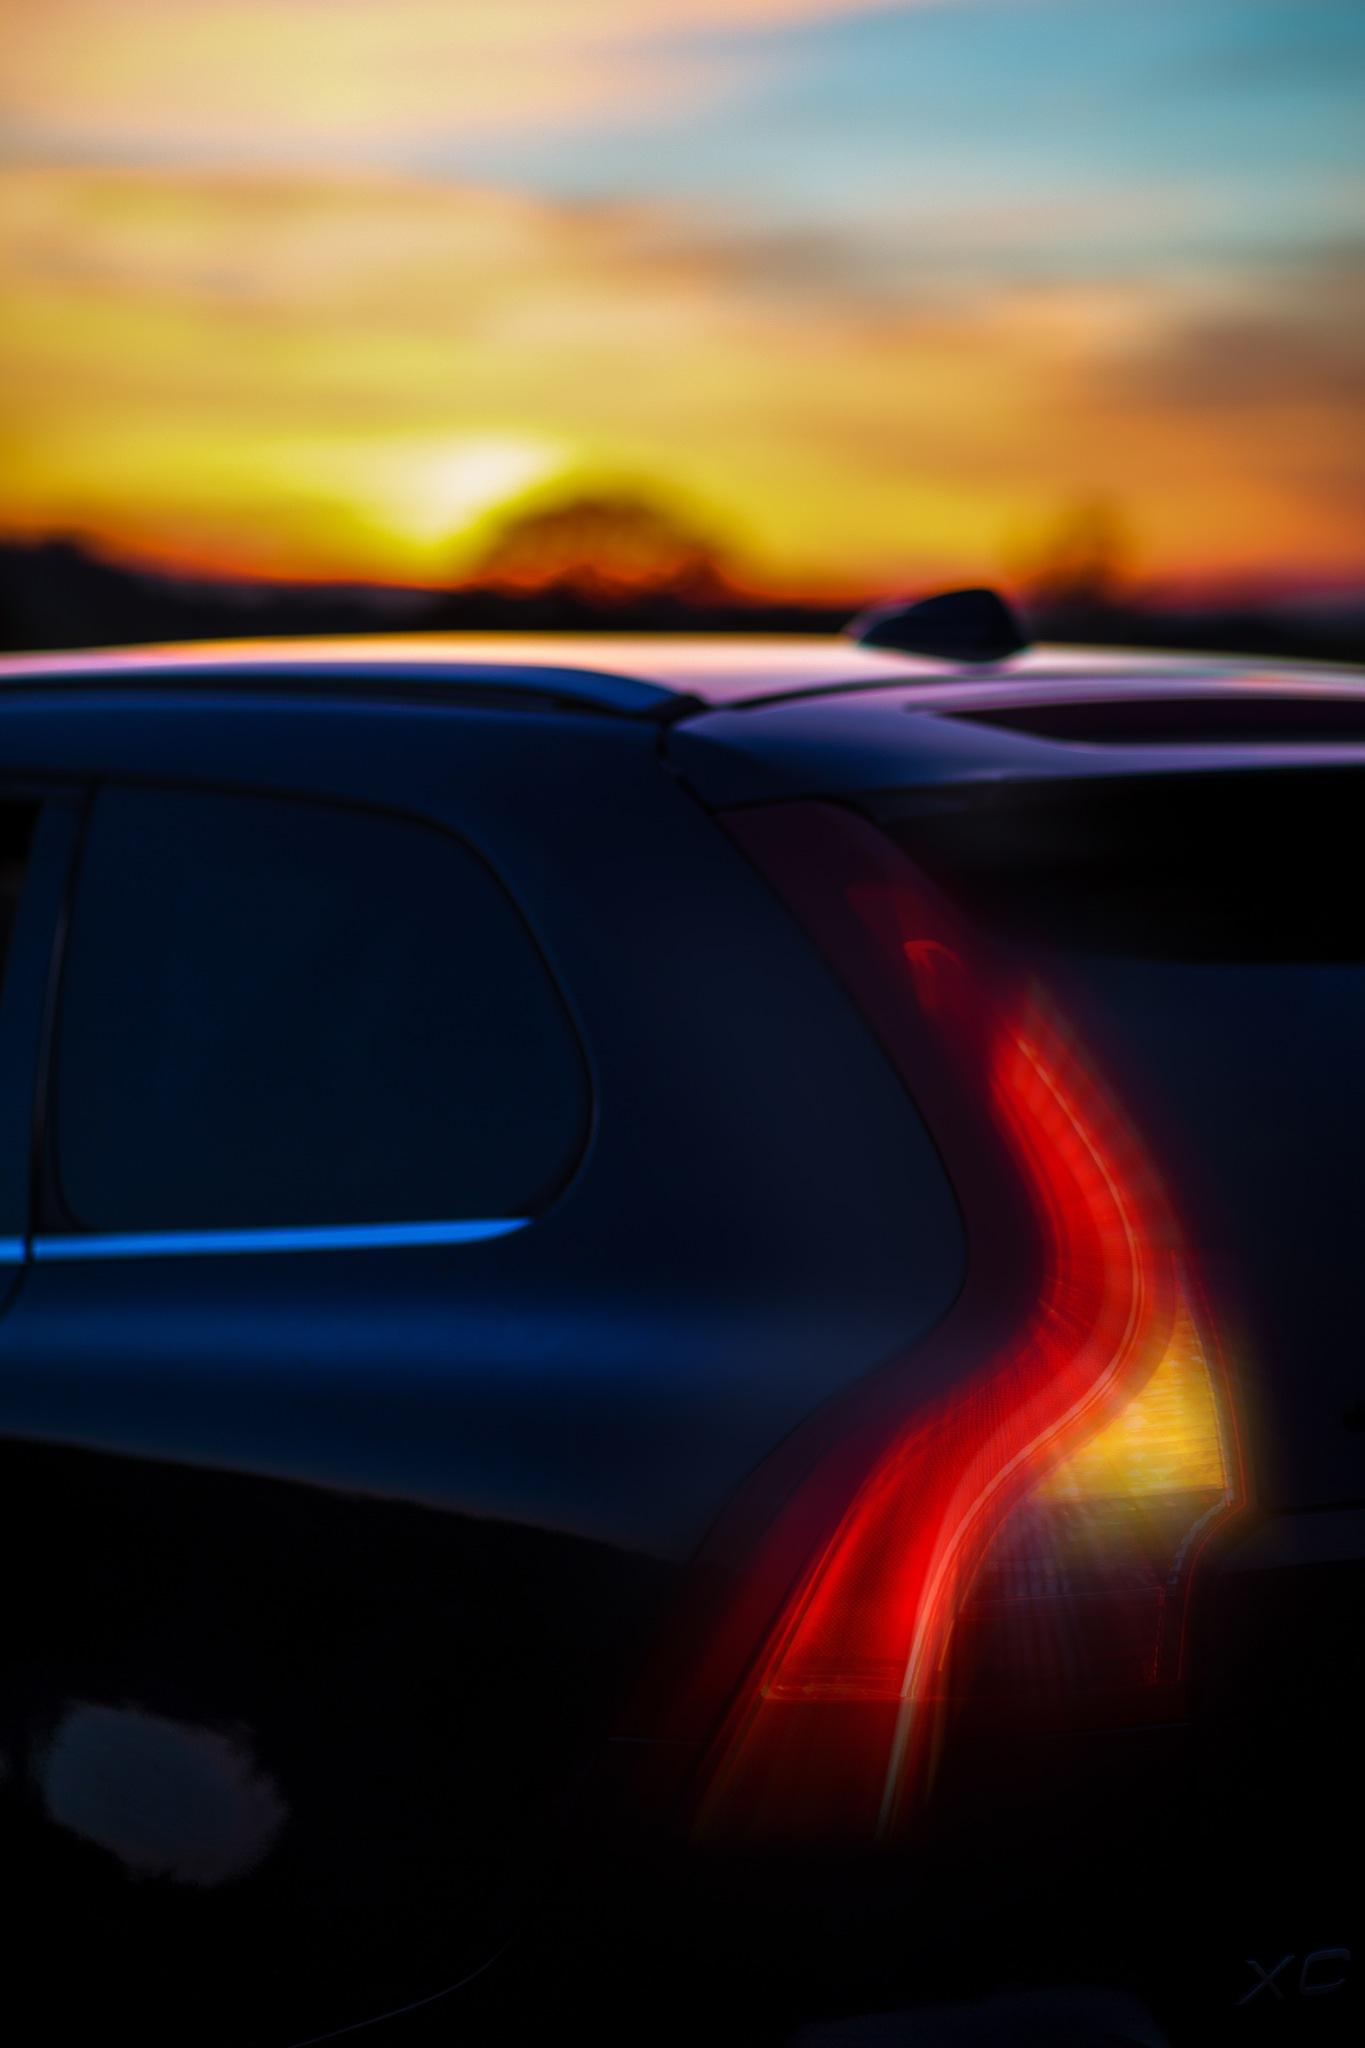 Volvo by Christoph Reiter